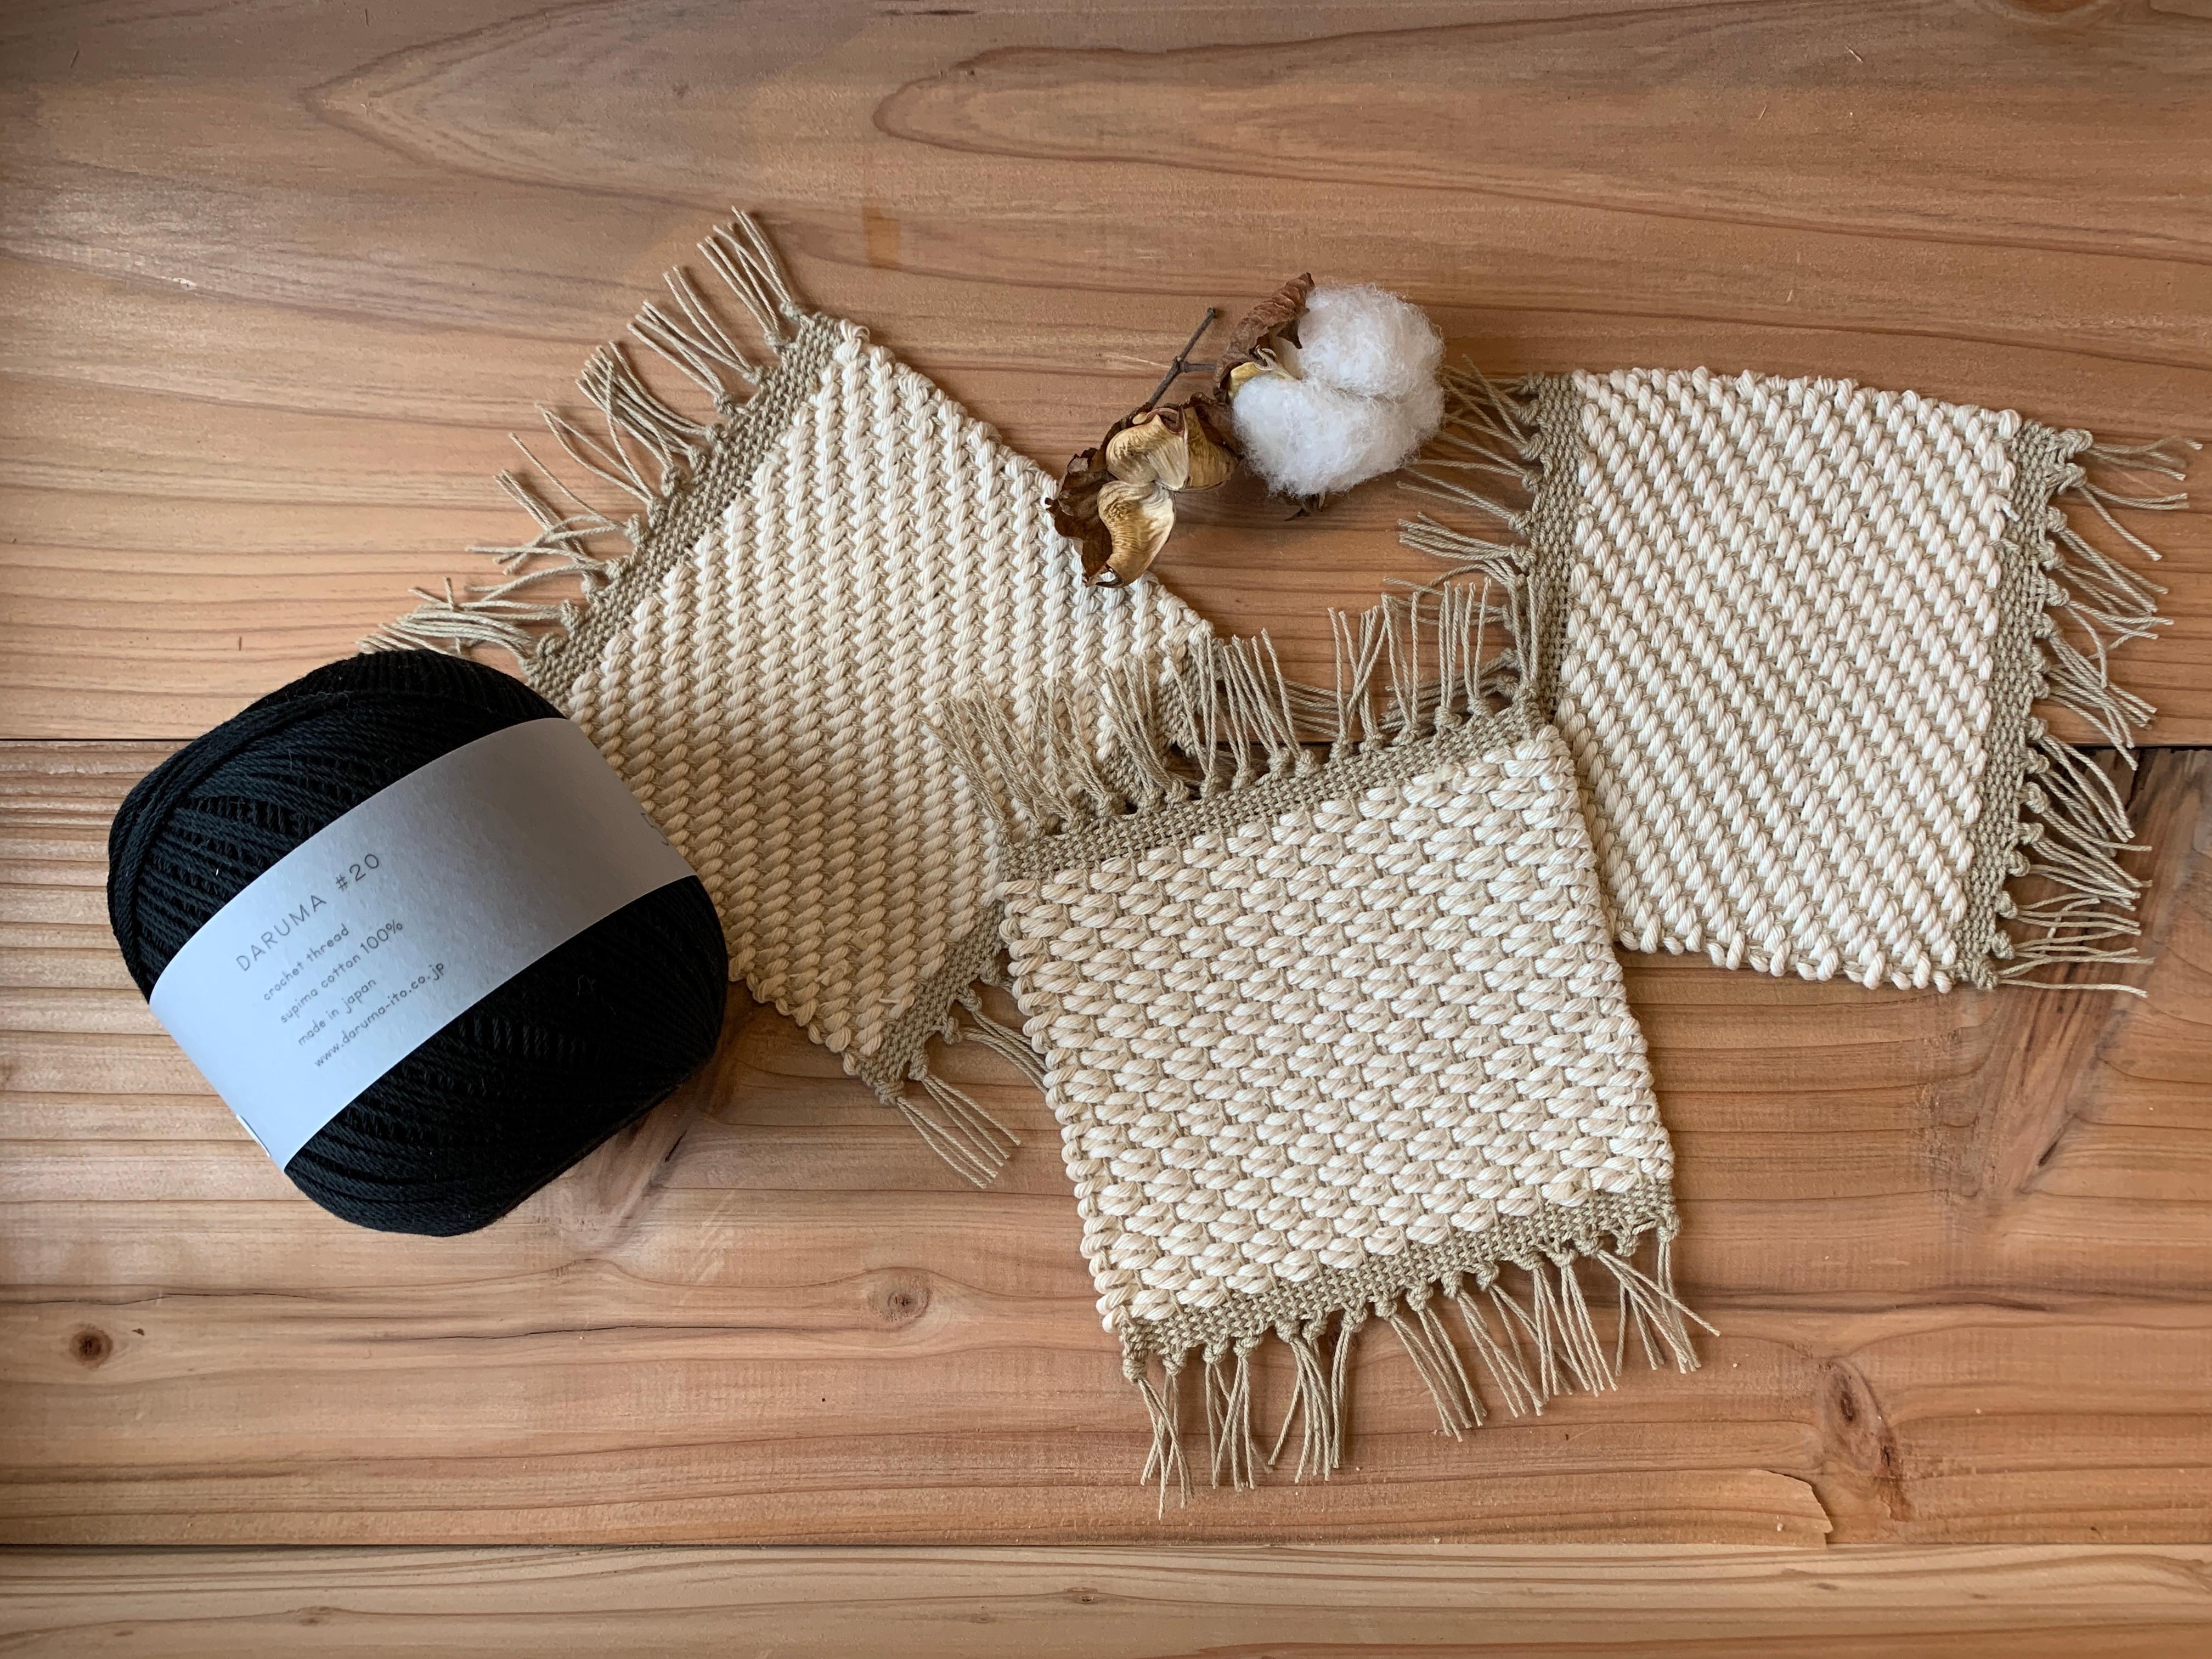 ⑤⑥⑦多綜絖の織り機でコースターを織ろう